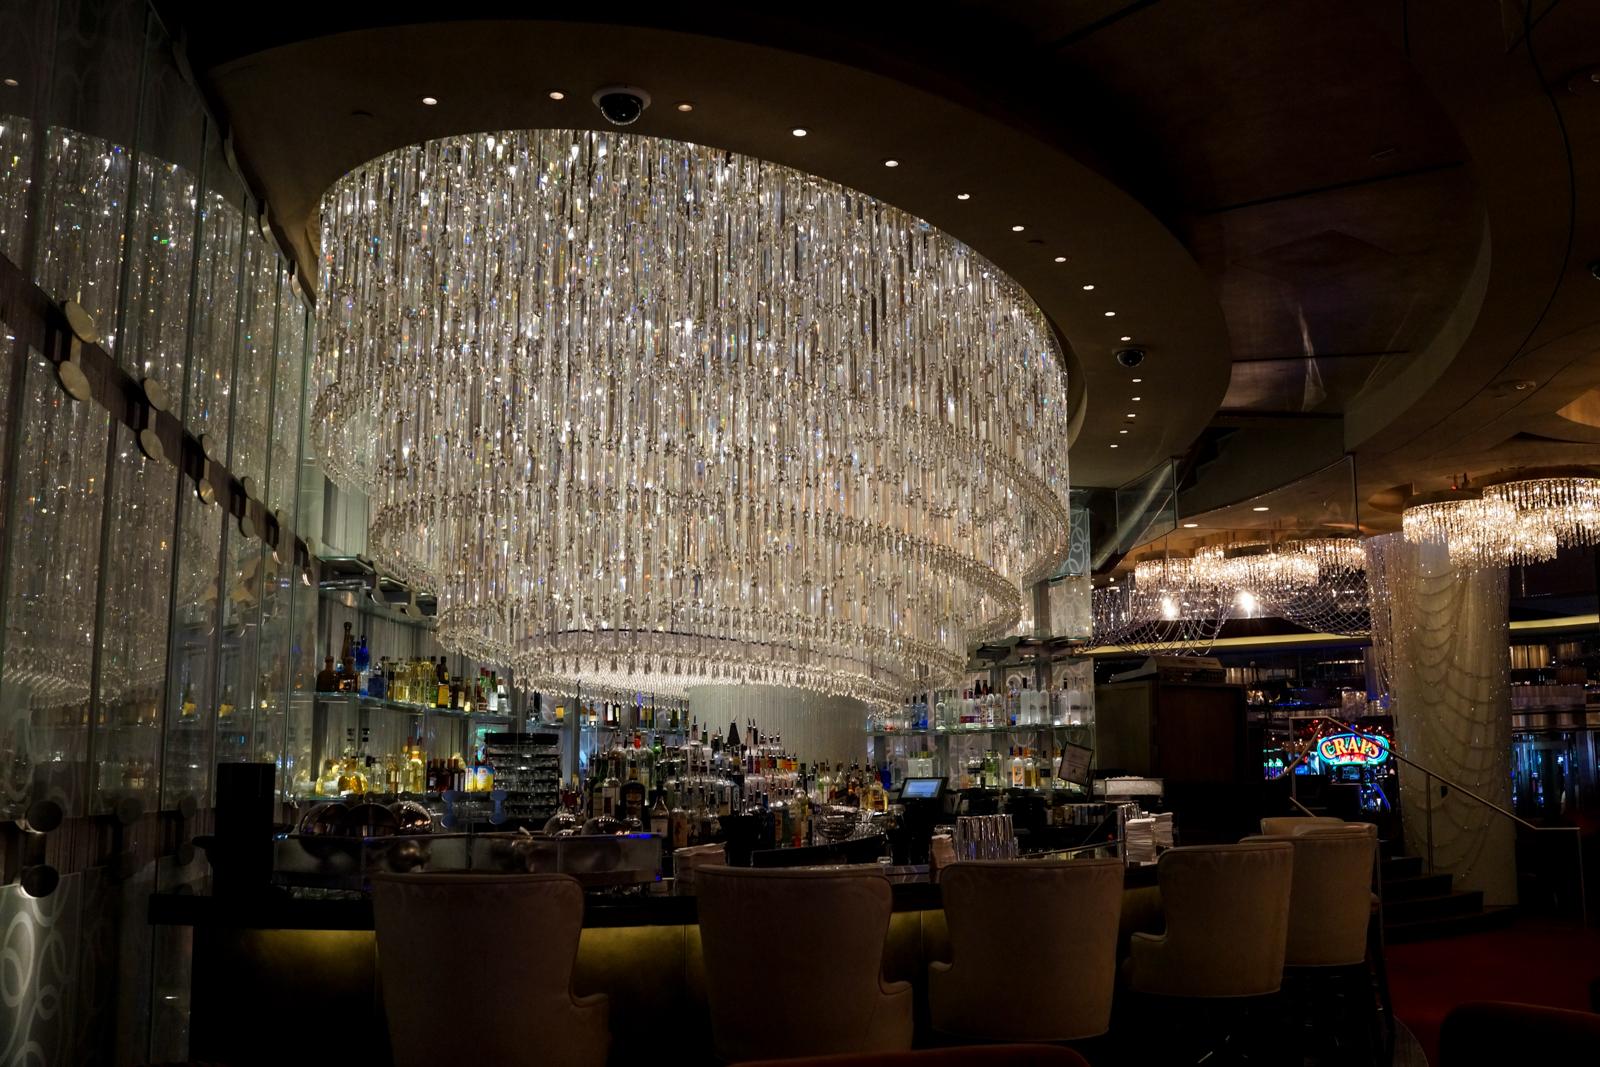 Cosmopolitan Of Las Vegas Top World Casinos Articles Directory